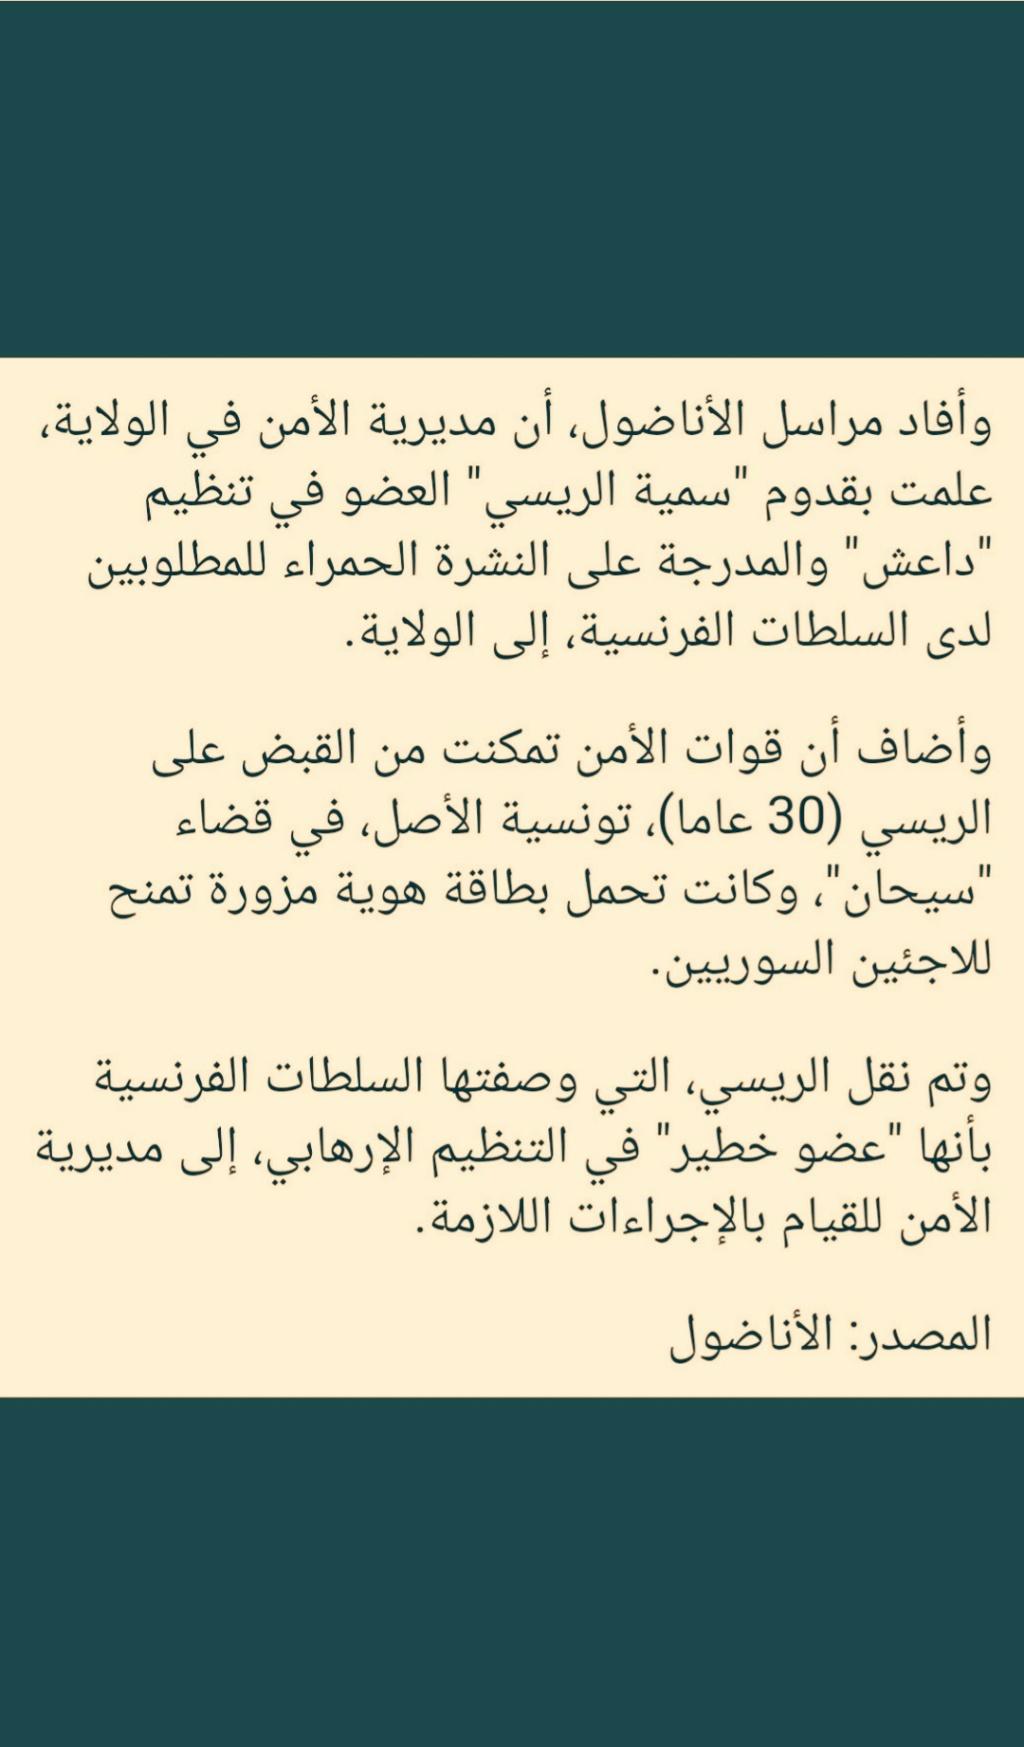 اعتقال مسلمة مطلوبة لدى فرنسا  Img_2010